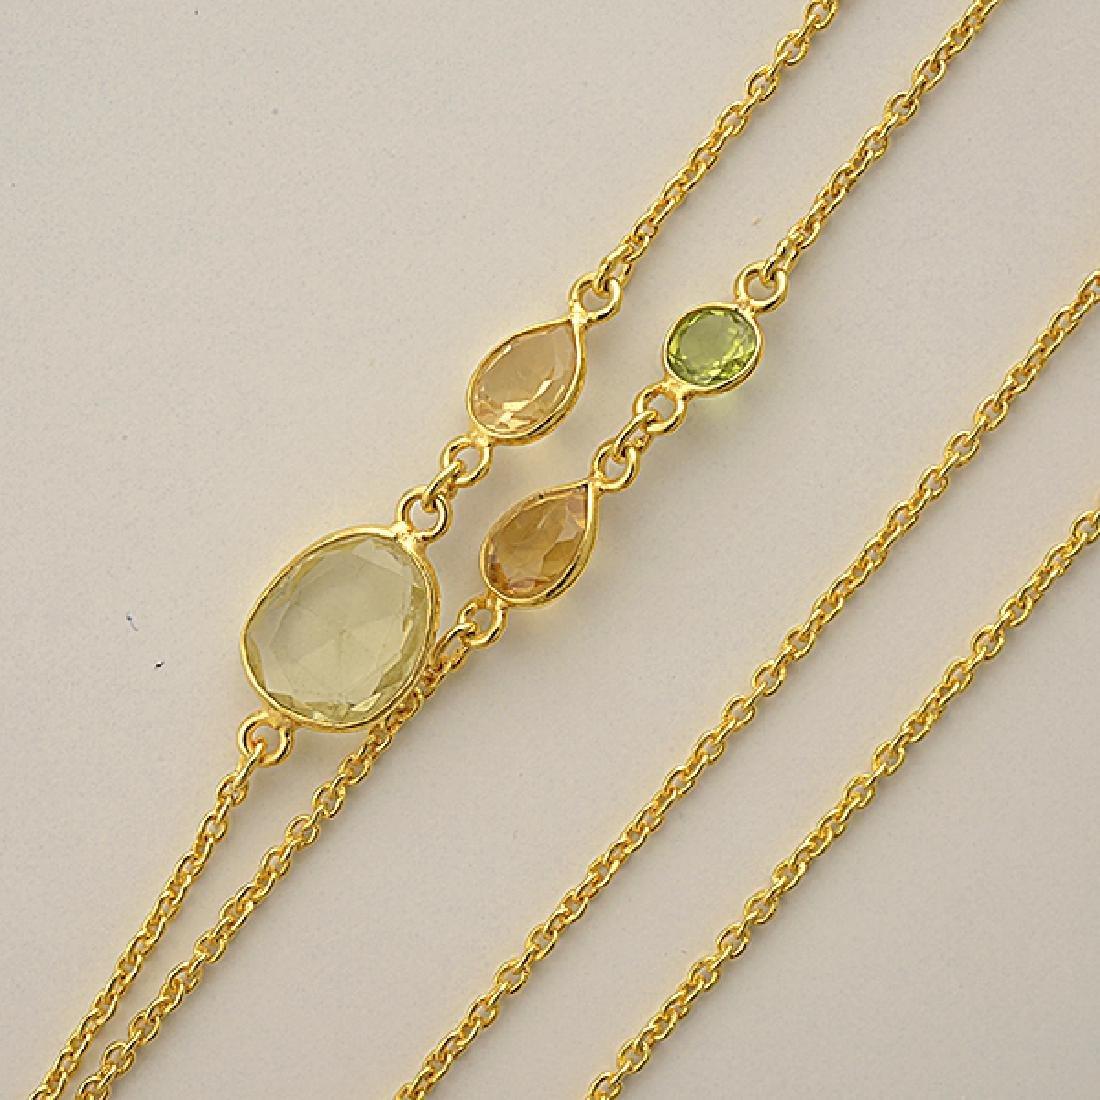 Quartz, Vermeil Necklace. - 2